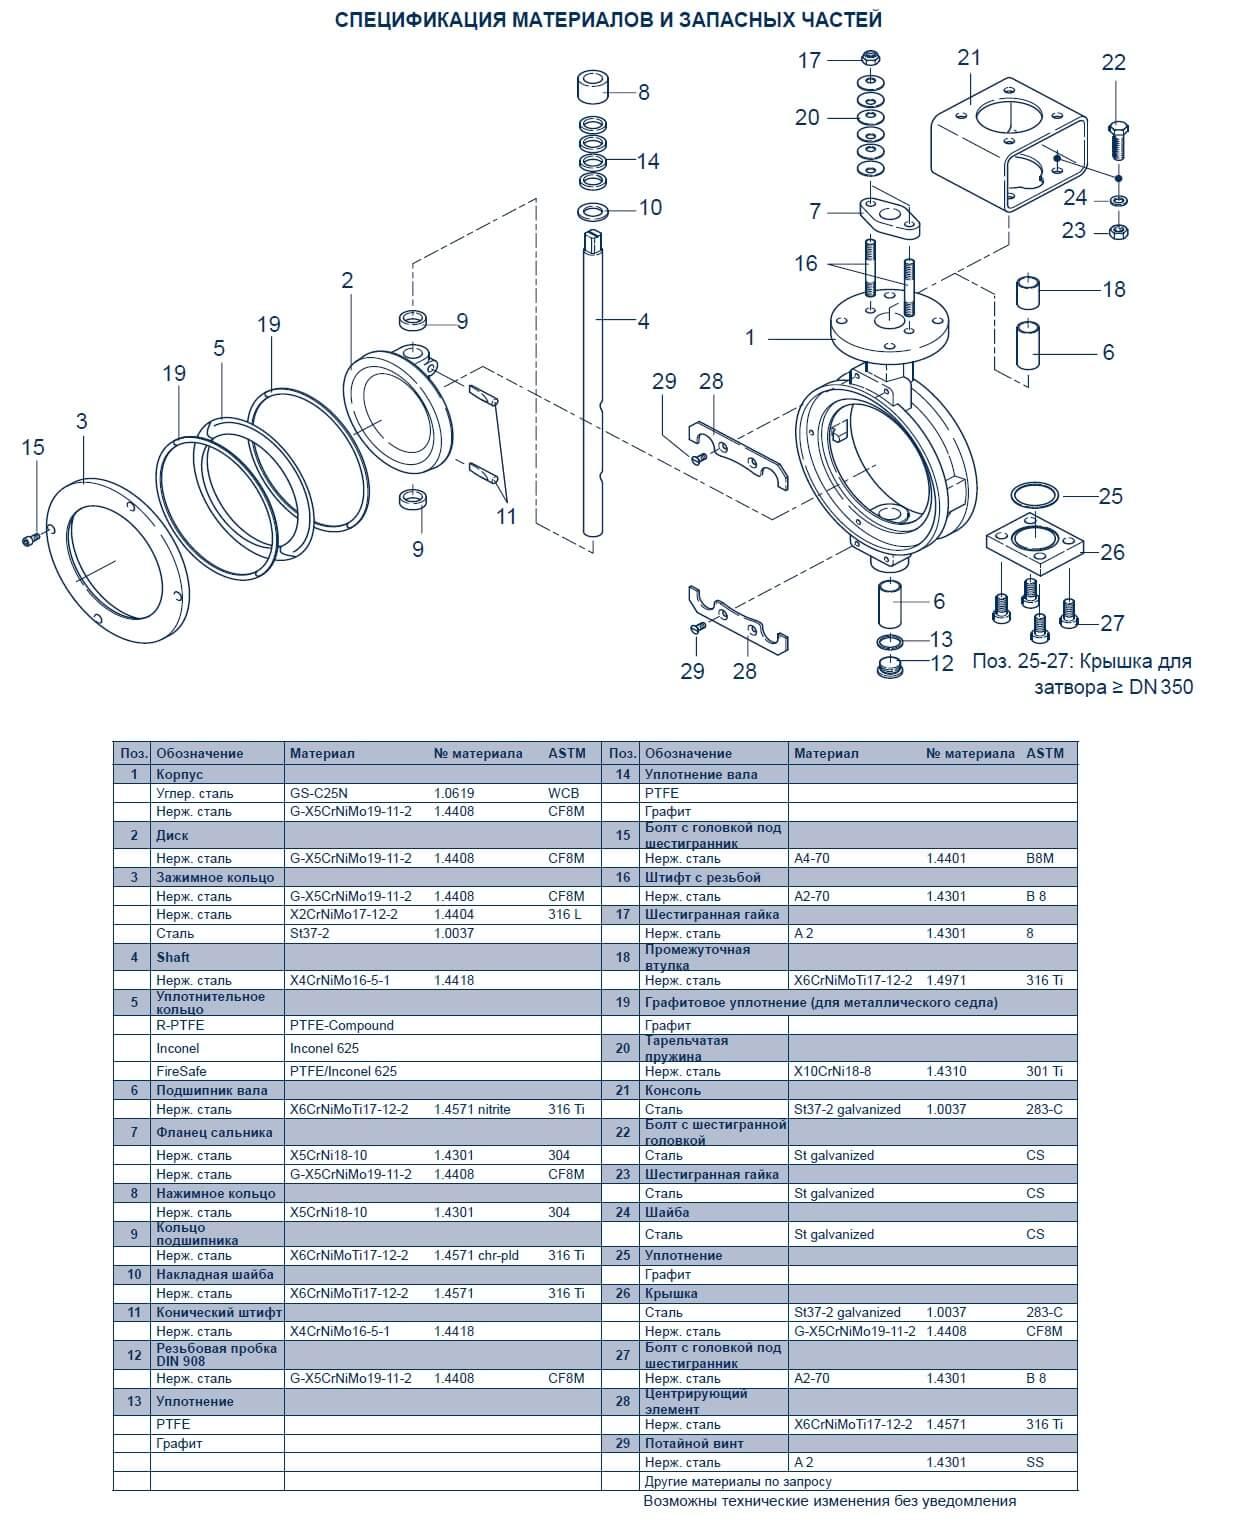 HP111_material